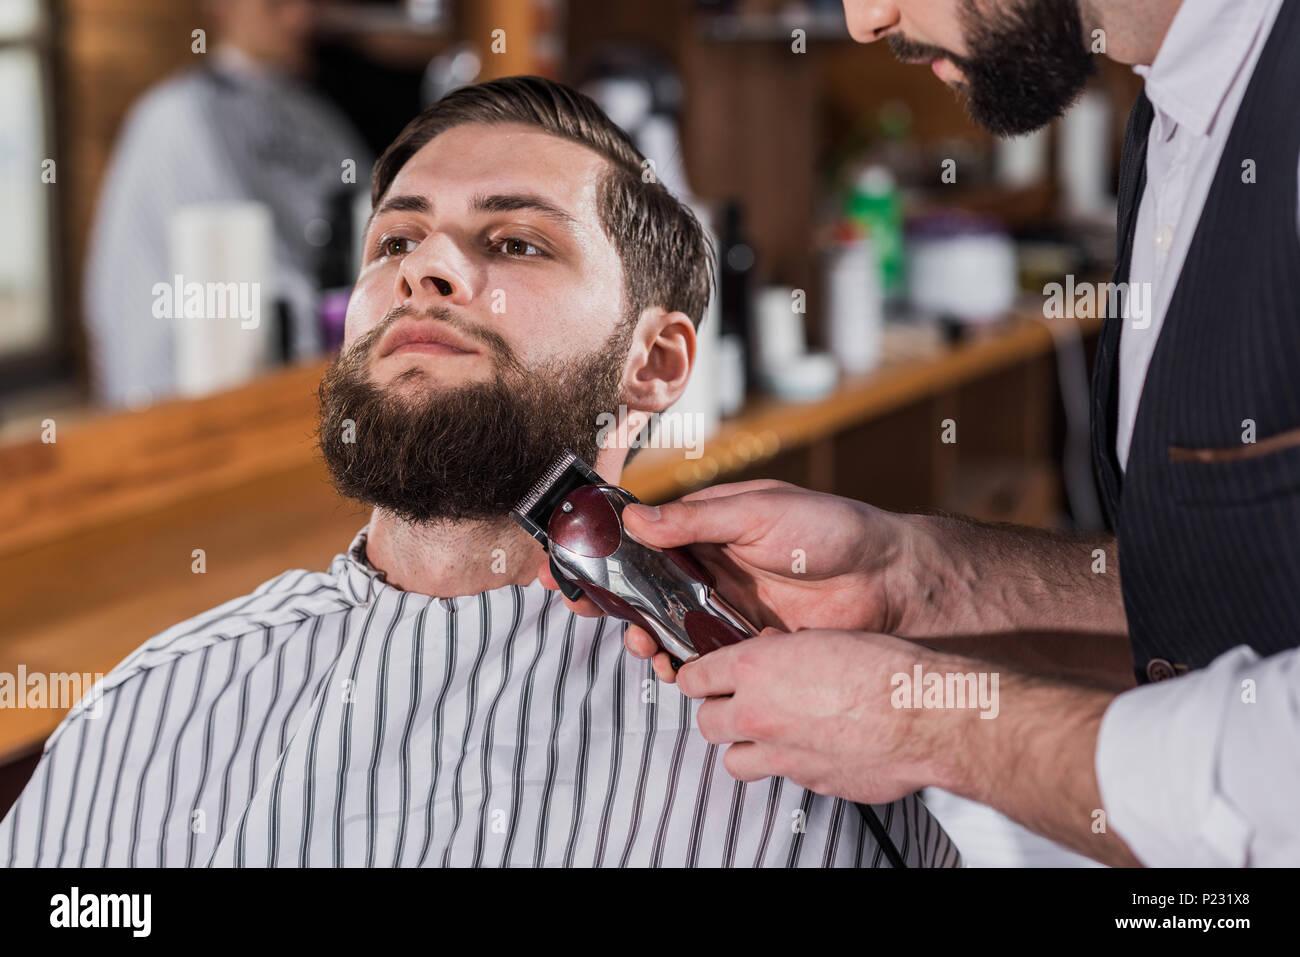 Haare Selber Schneiden Mann Maschine